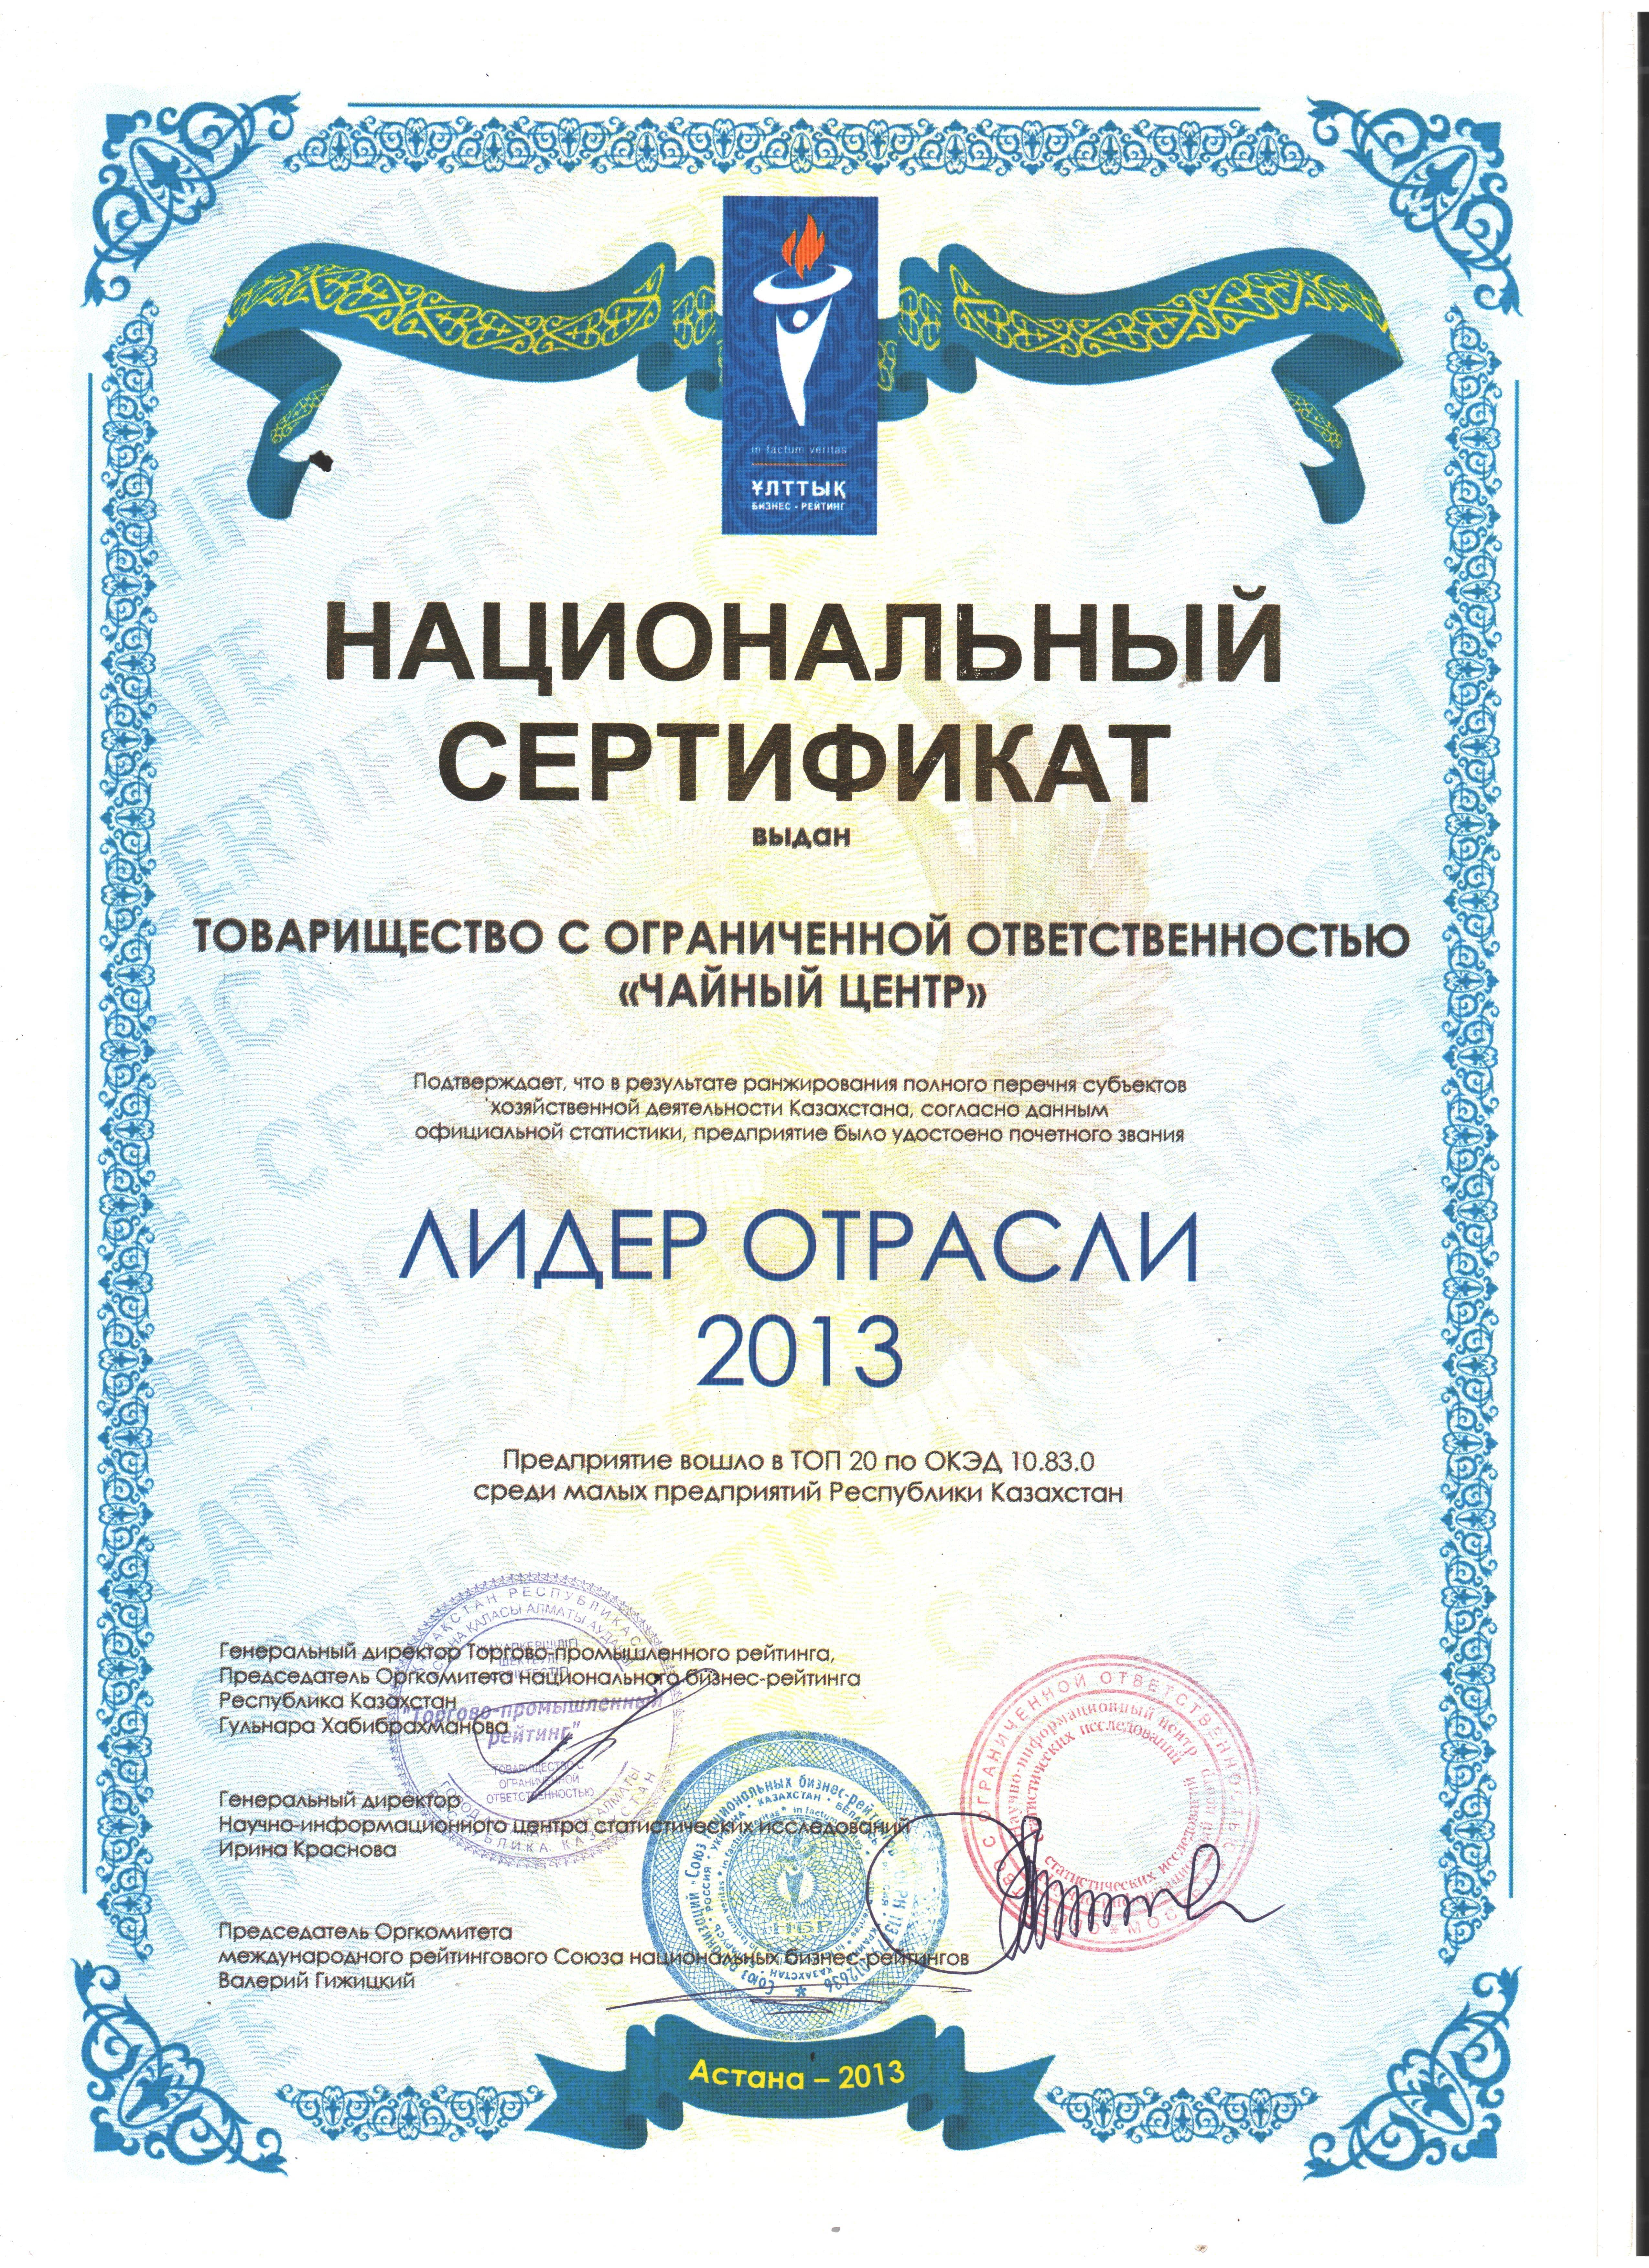 Национальный сертификат лидер отрасли 2013